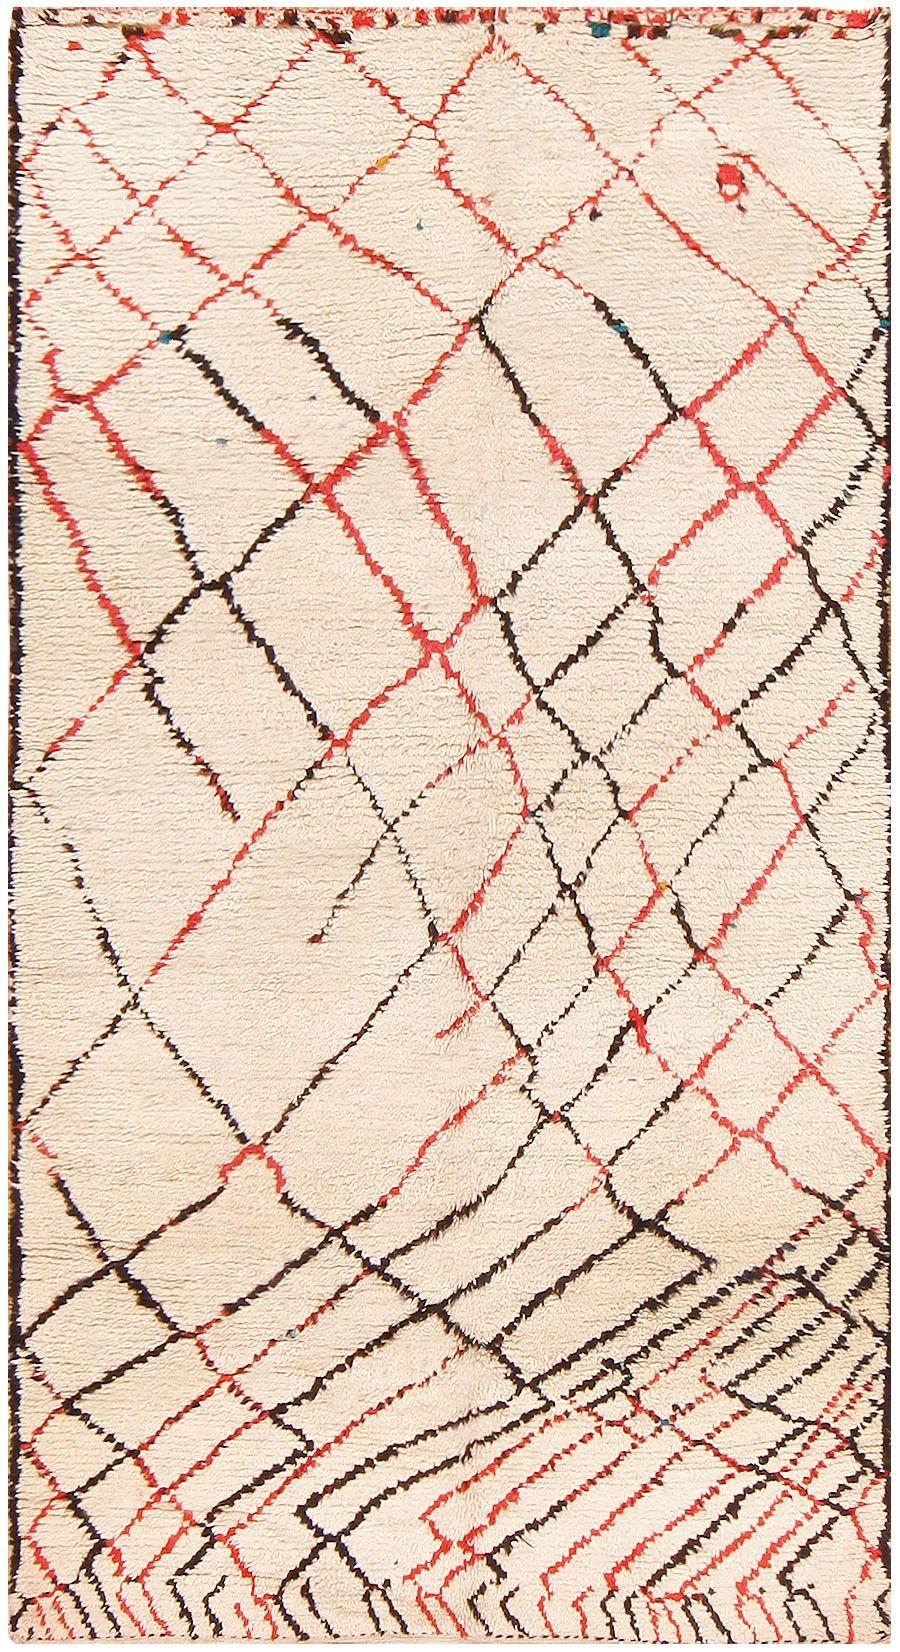 Vintage Moroccan Rug 48364 Nazmiyal Antique Rugs Berber Teppich Marokkanische Teppiche Marokkanischer Teppich